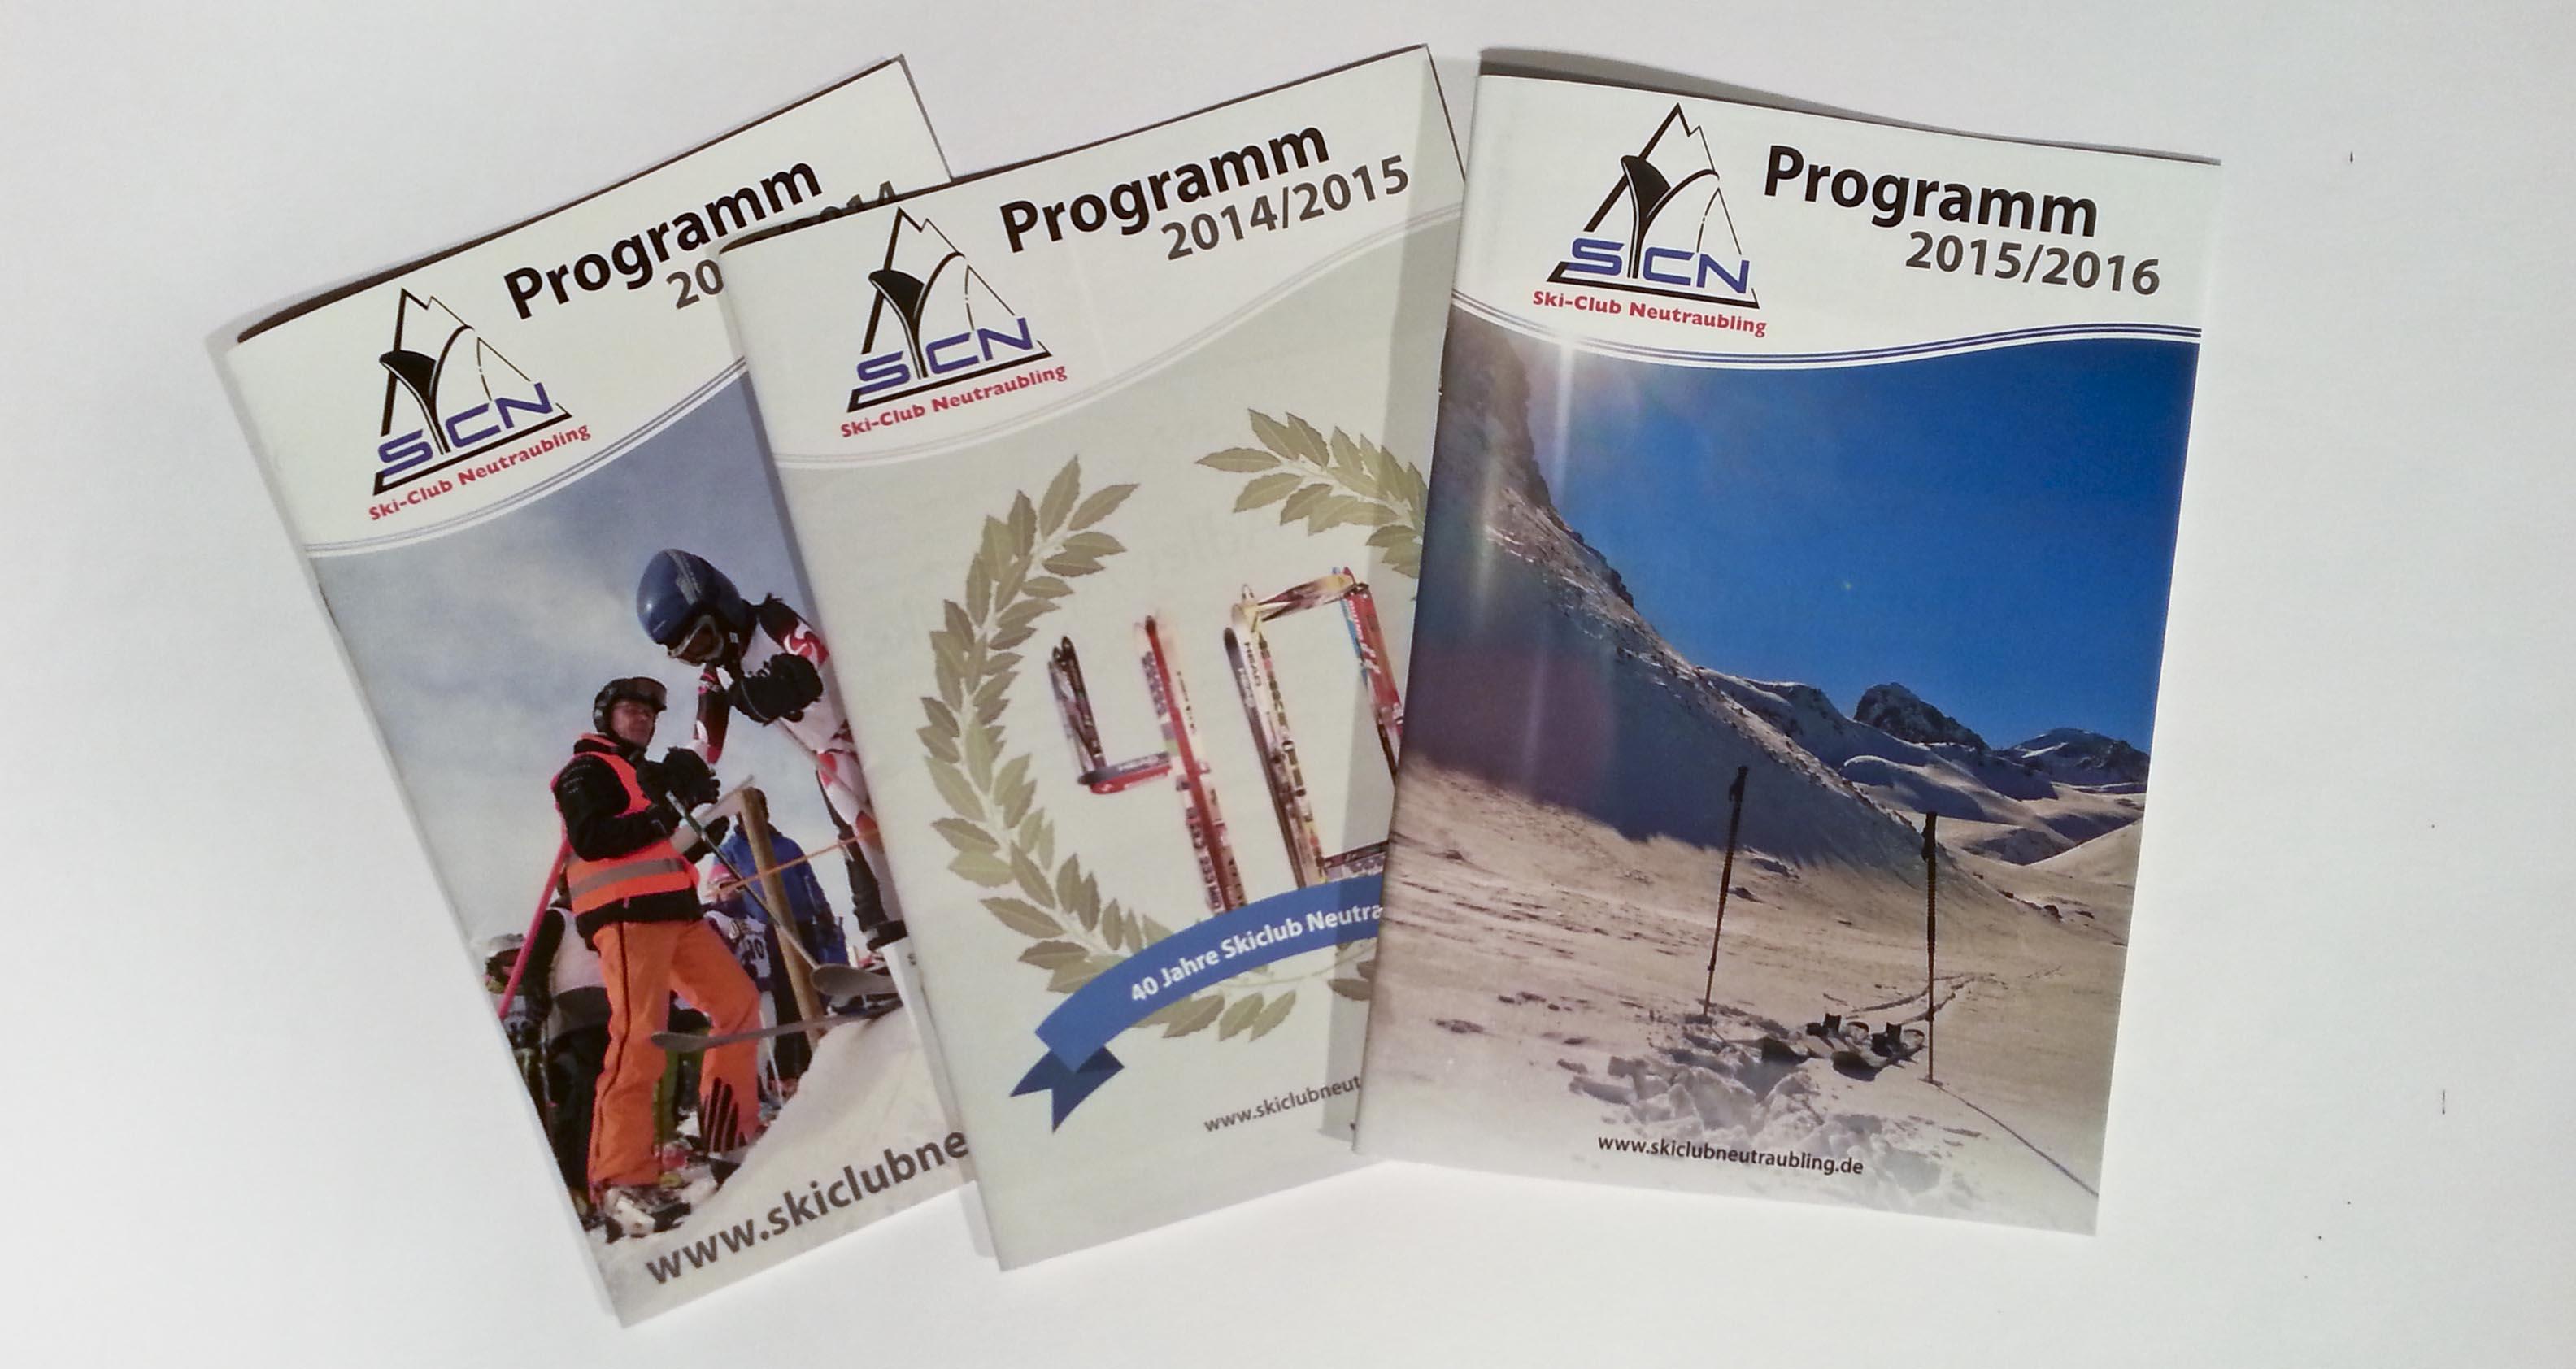 design73-ralf-winklmeier-skiclub-heft-broschüren